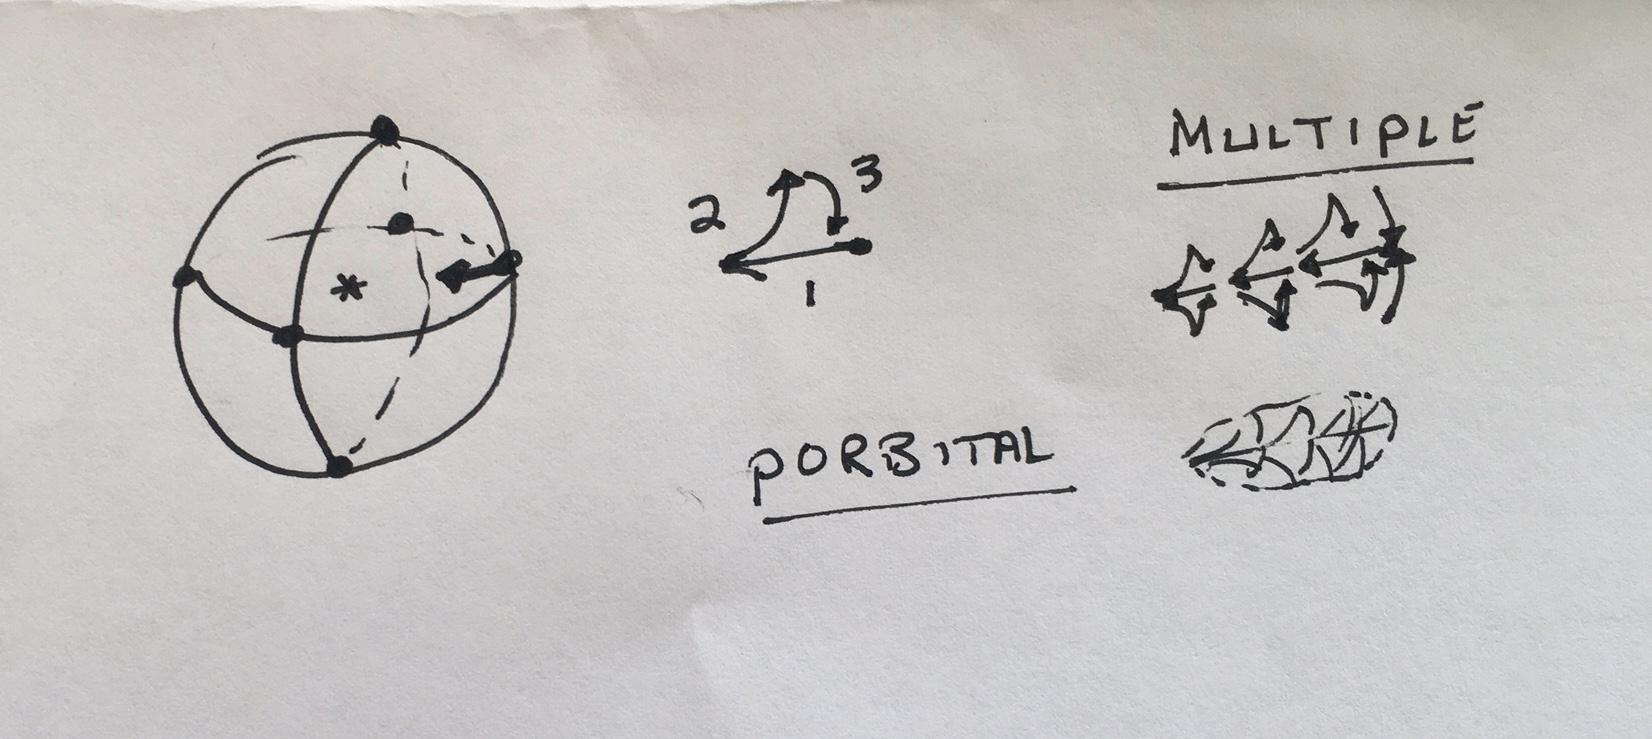 p Orbital formation